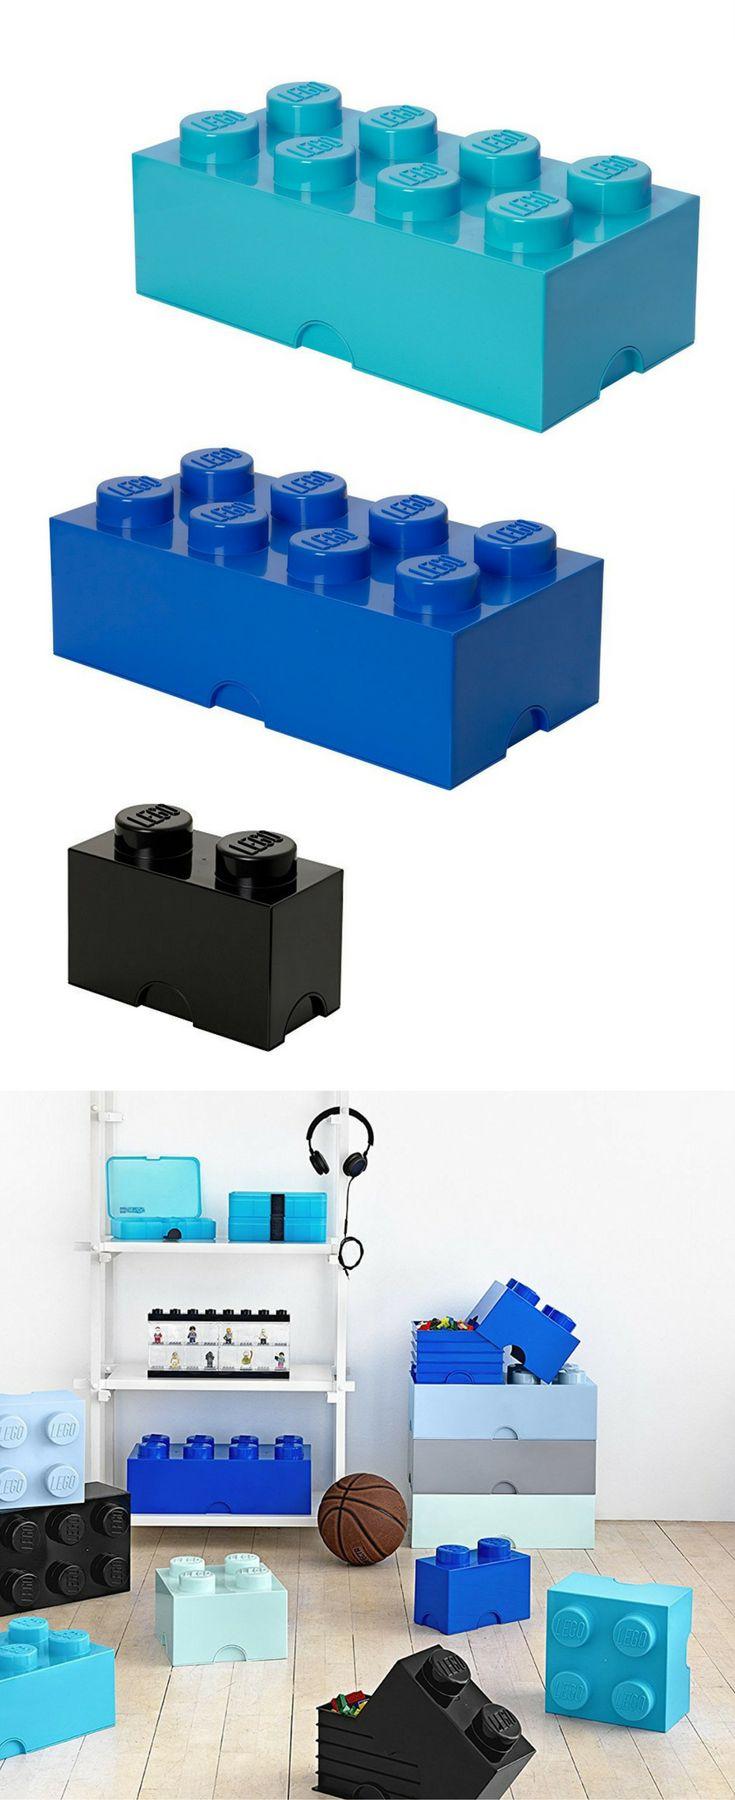 Spielzeugkiste im coolen LEGO Stein Design - perfekte Aufbewahrungsbox für das Kinderzimmer | LEGO Lizenzkollektion - Stapelbare Aufbewahrungsbox, 8 Noppen in  gelb, blau, hellblau, türkis, rot, grün, lime, schwarz, grau, weiß, rosa